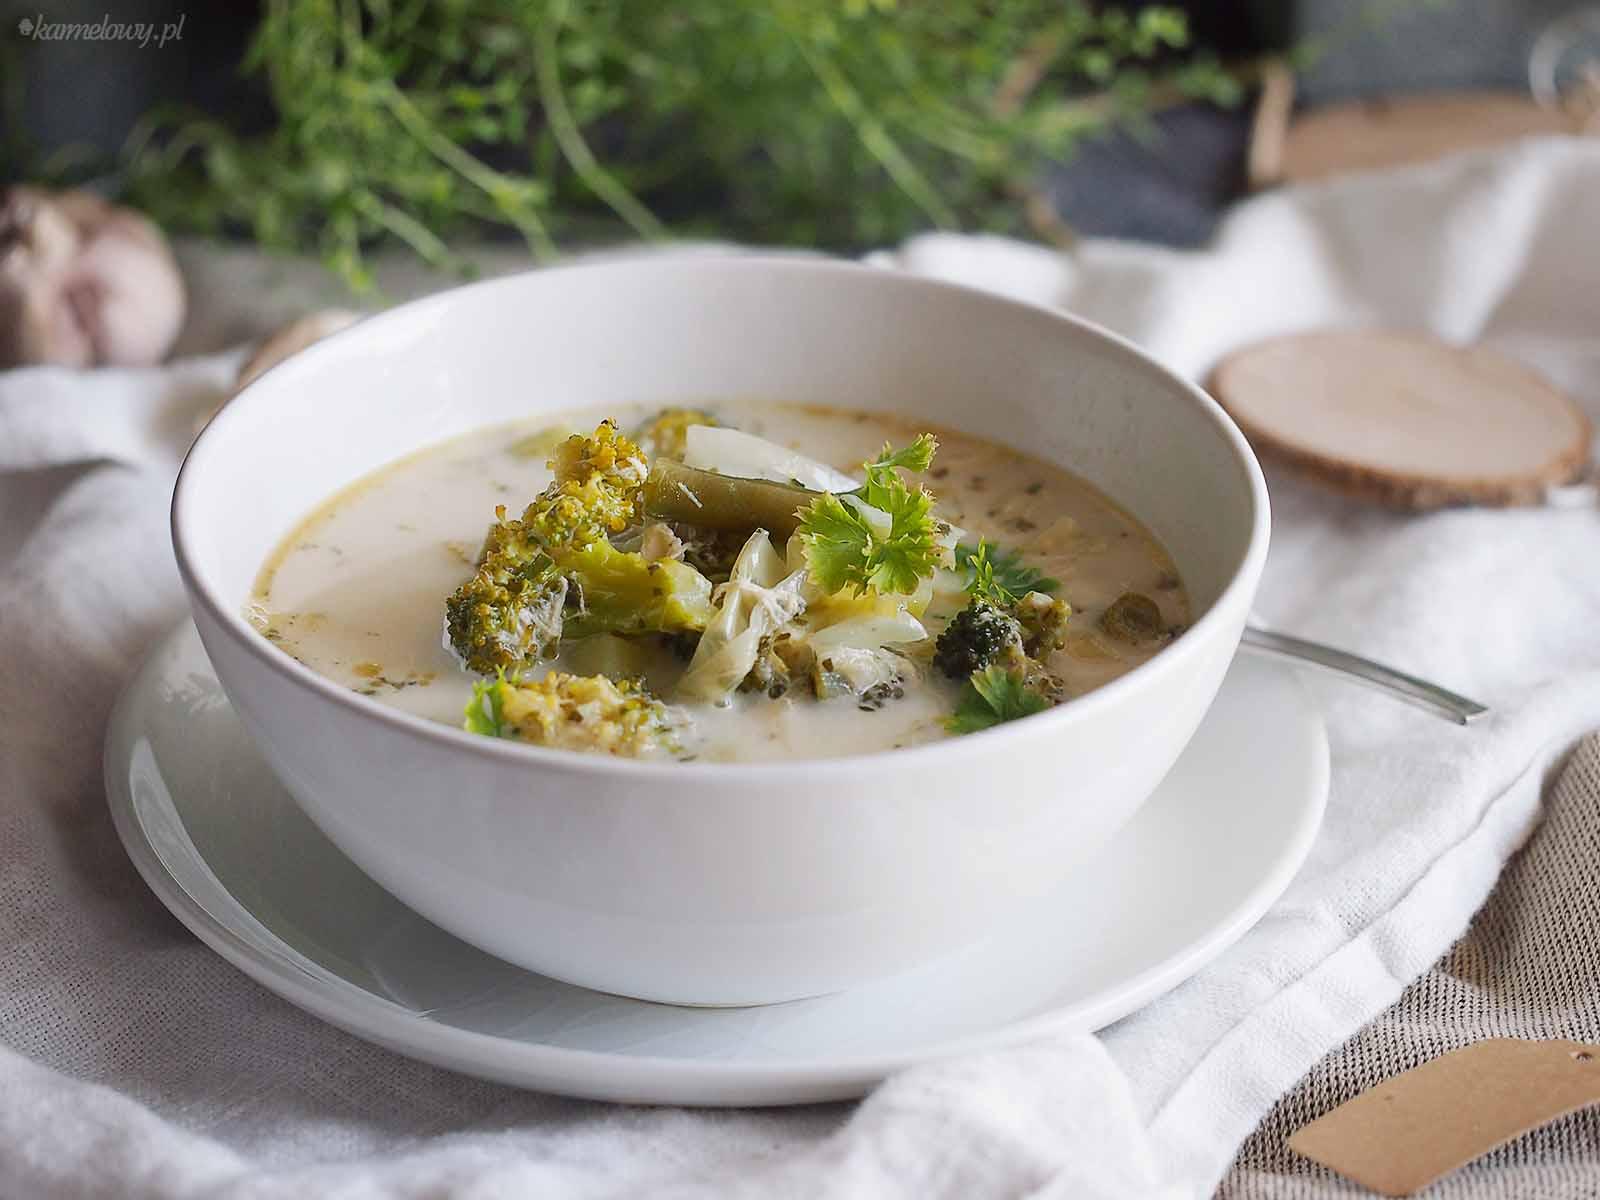 Zielona-zupa-warzywna-z-kurczakiem-Green-vegetable-soup-with-chicken